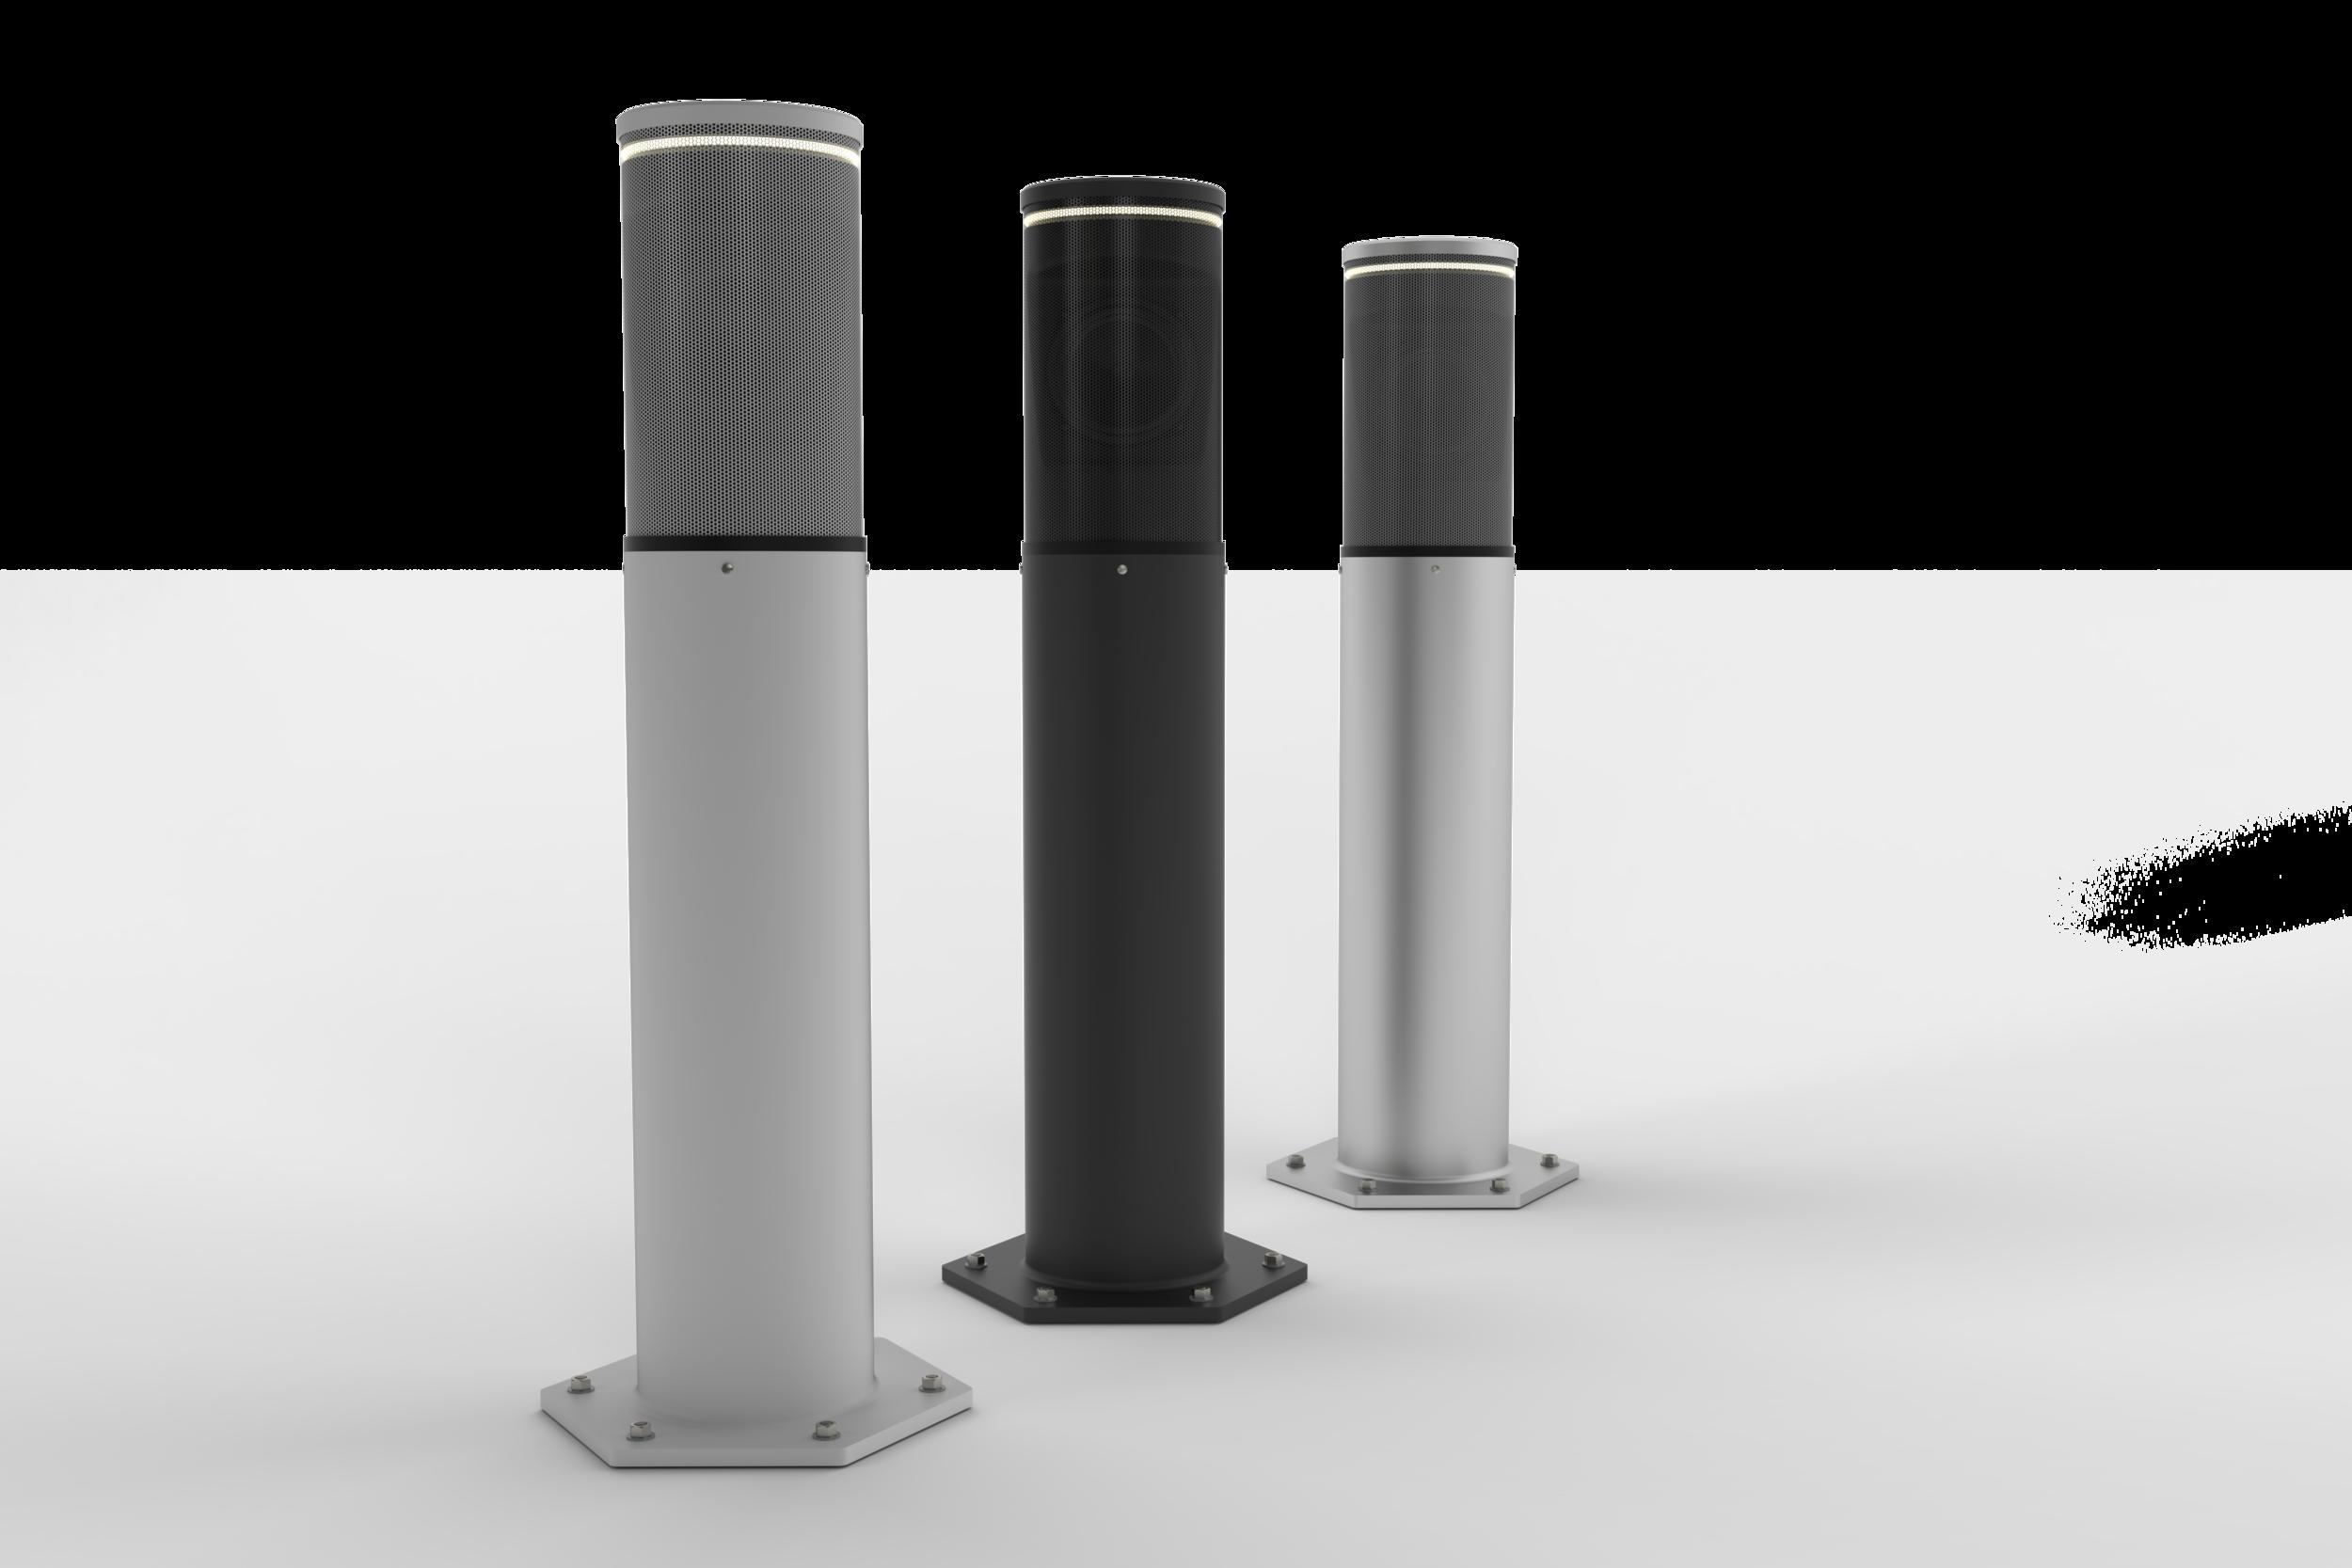 A sneak peek of the new Terra LuminSound design